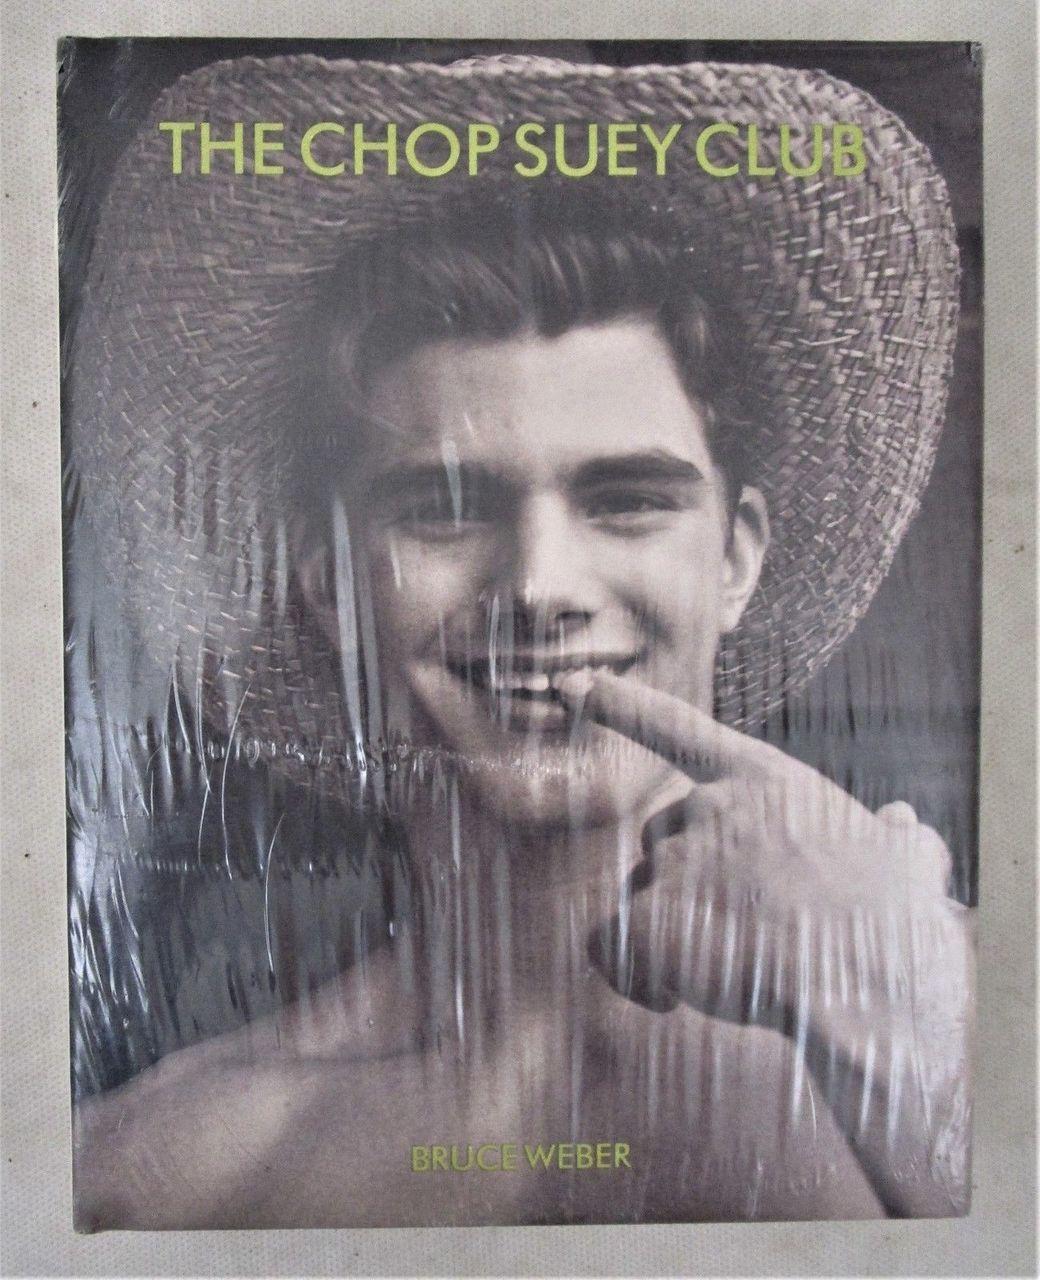 THE CHOP SUEY CLUB, by Bruce Weber - 1999 [STILL SEALED]